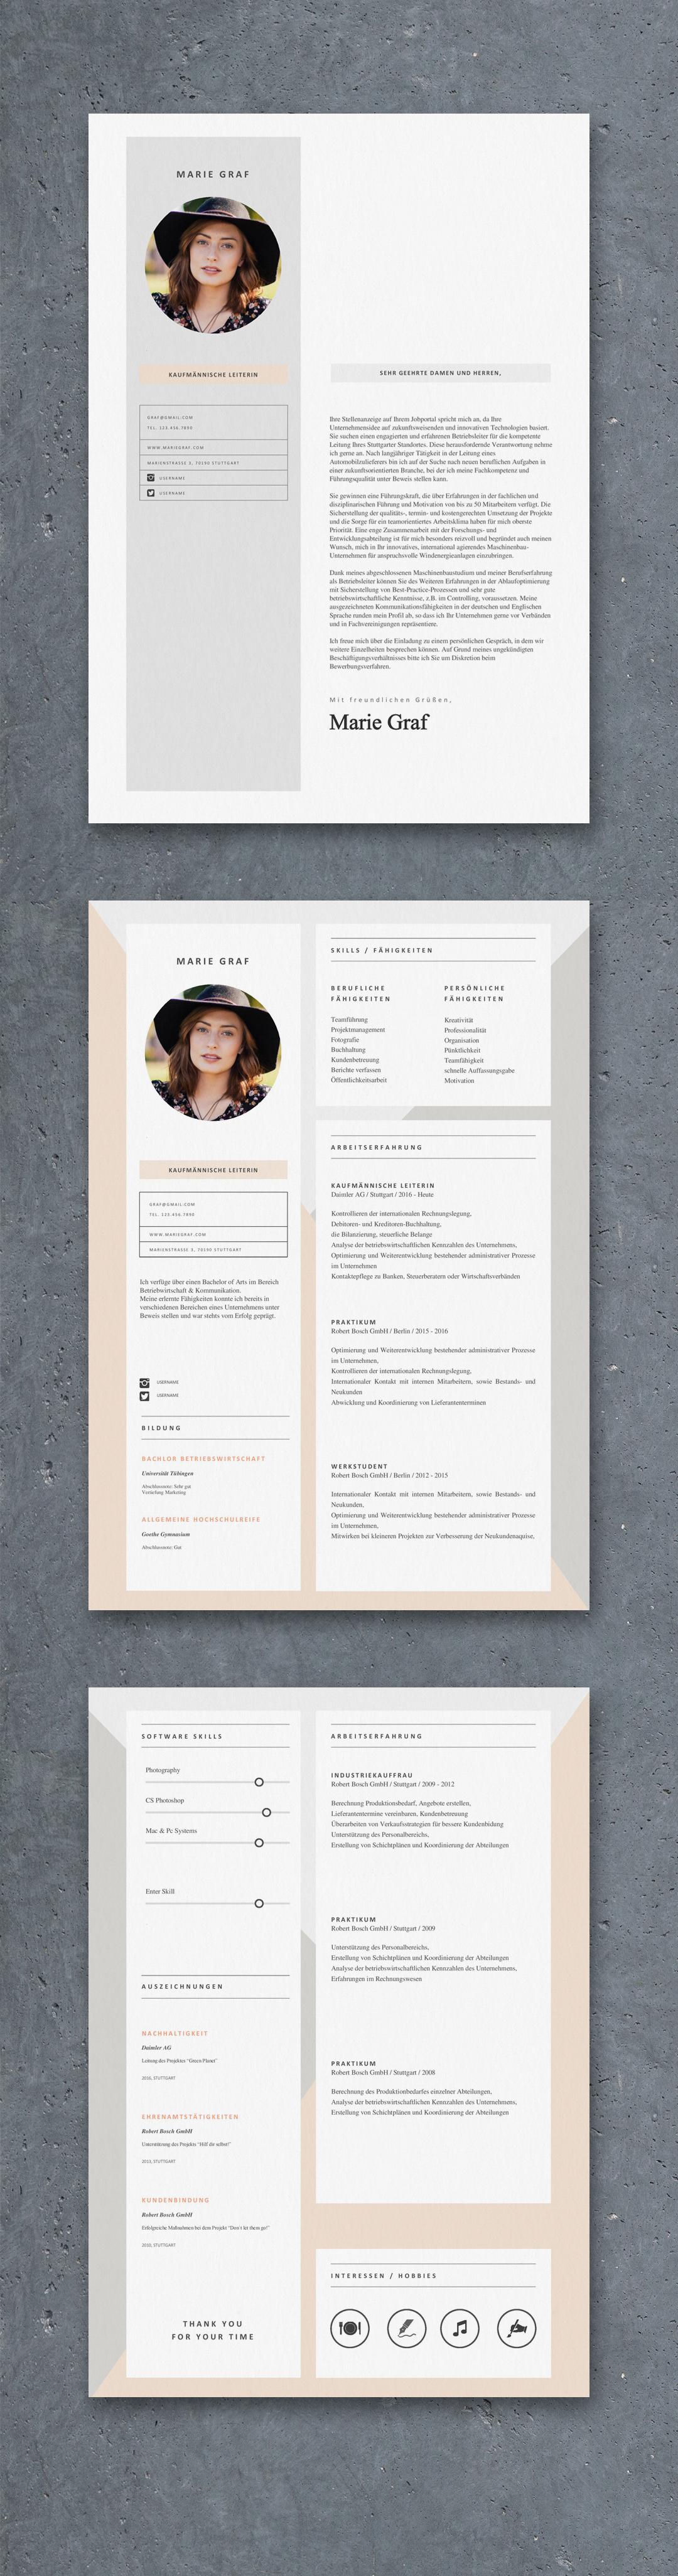 Mrs. Graf | einfaches Anschreiben, einfacher Lebenslauf und Anschreiben